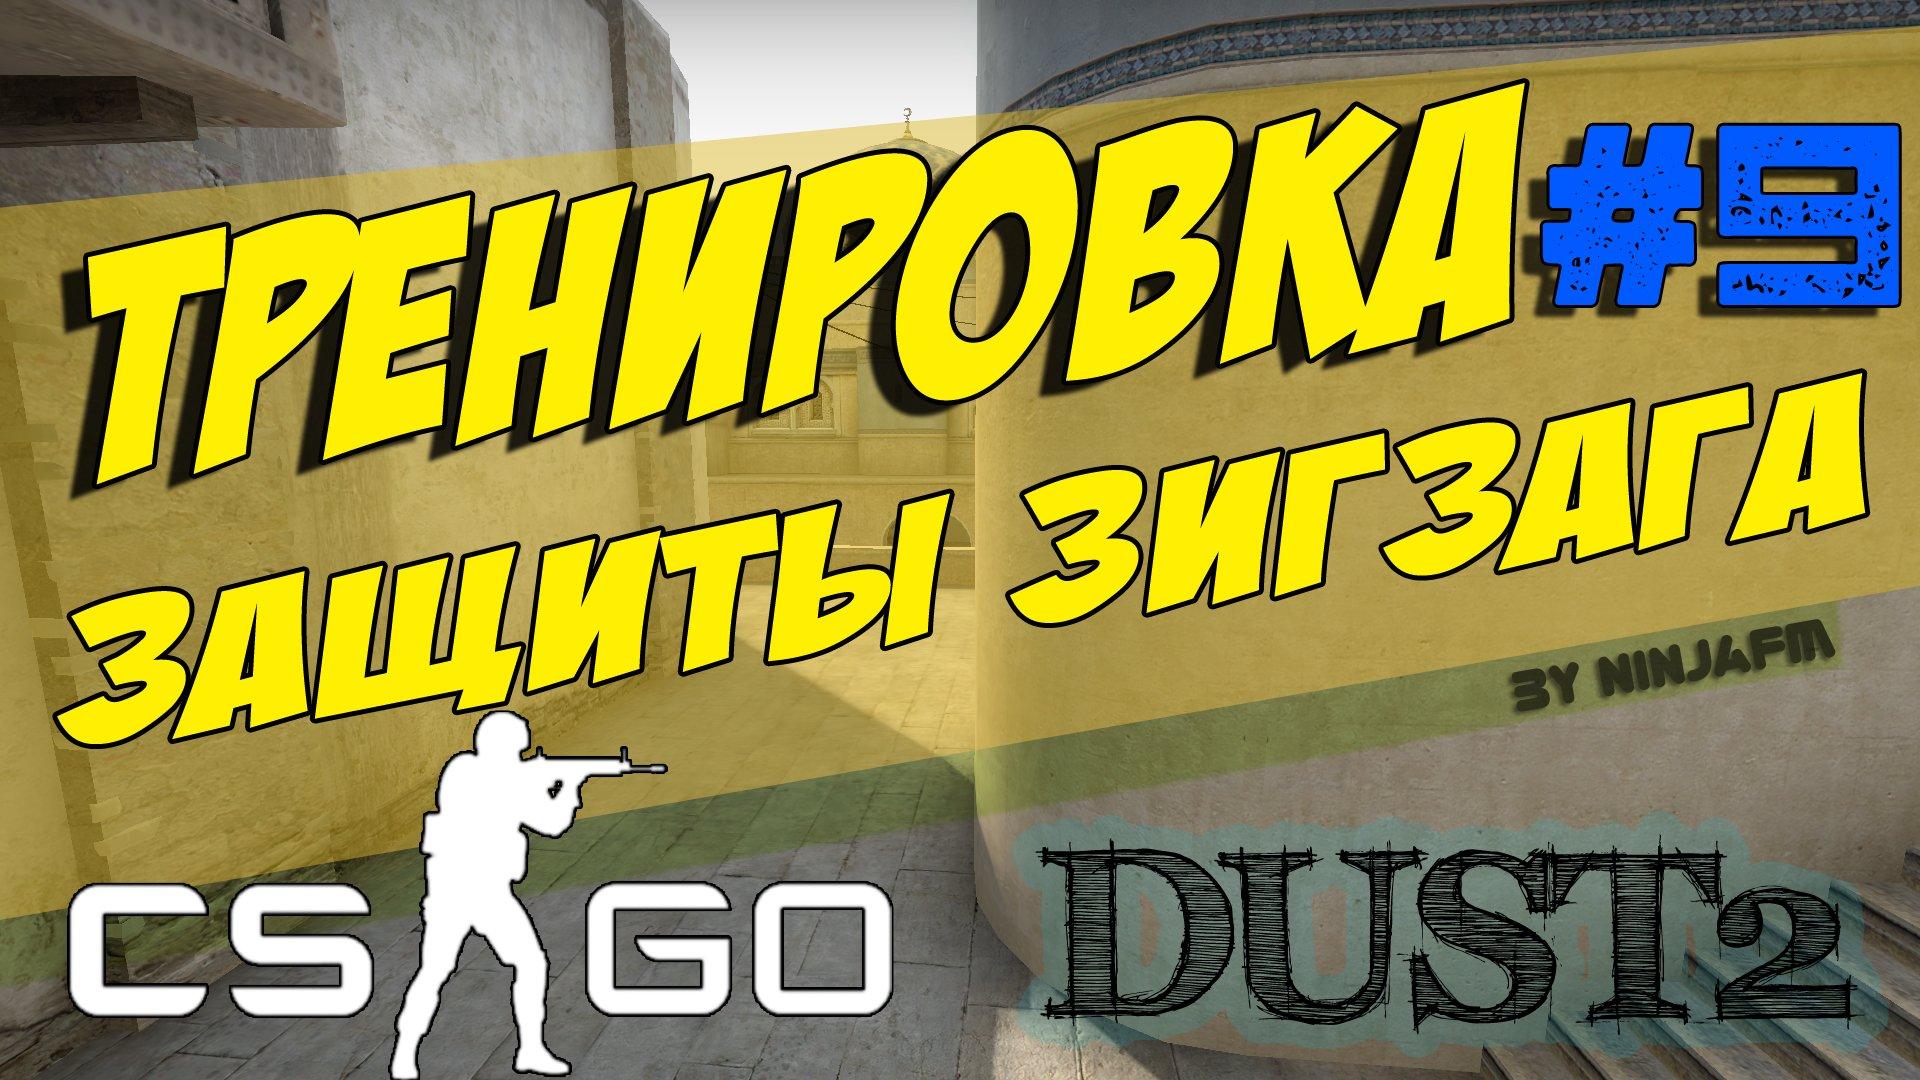 Тактики CS GO #9 Тренировка защиты зигзага в одного Dust2 (СT)  - Изображение 1